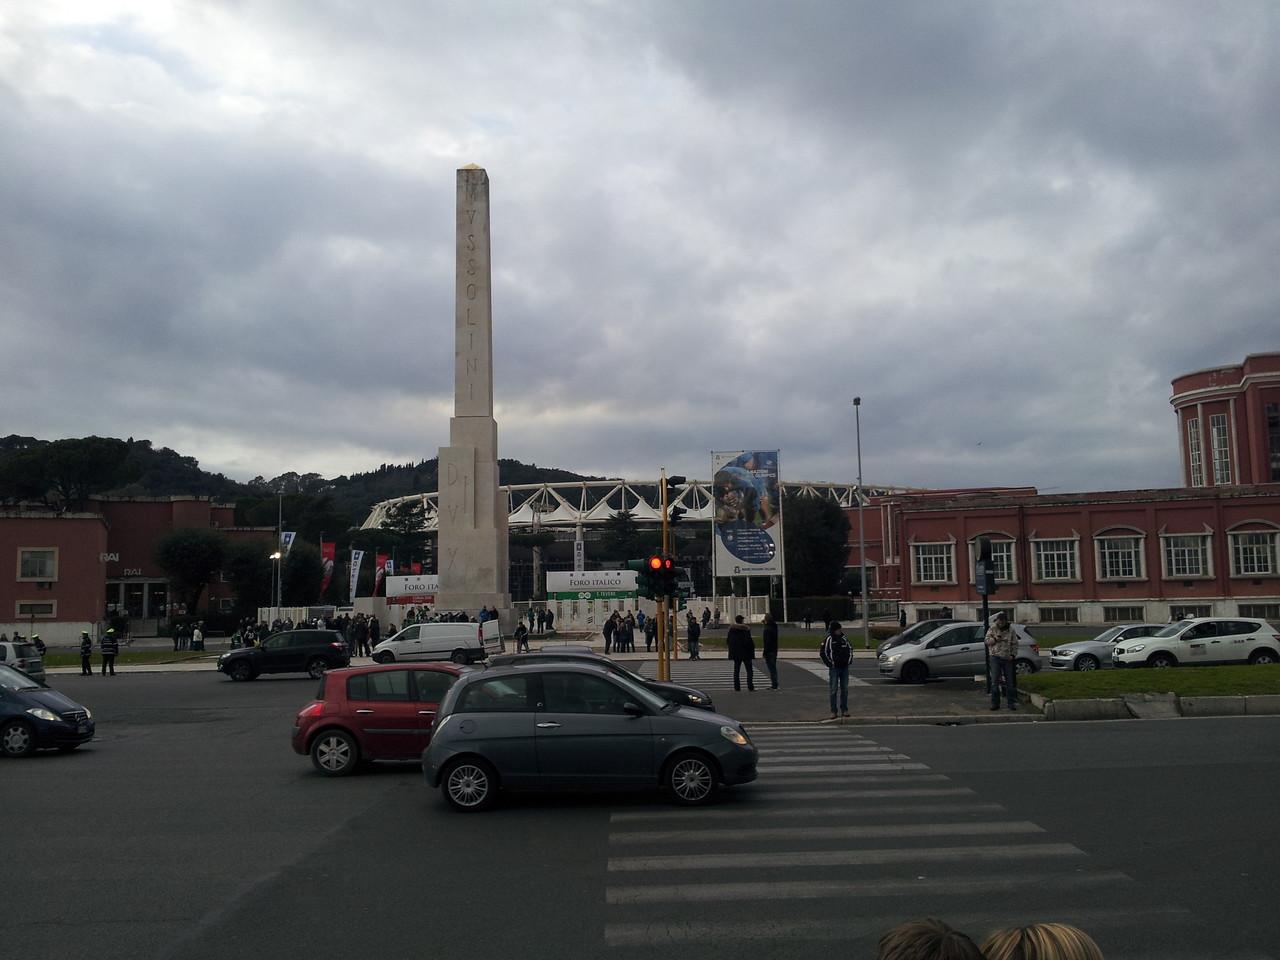 Stadio Olimpico (17:00 Uhr)